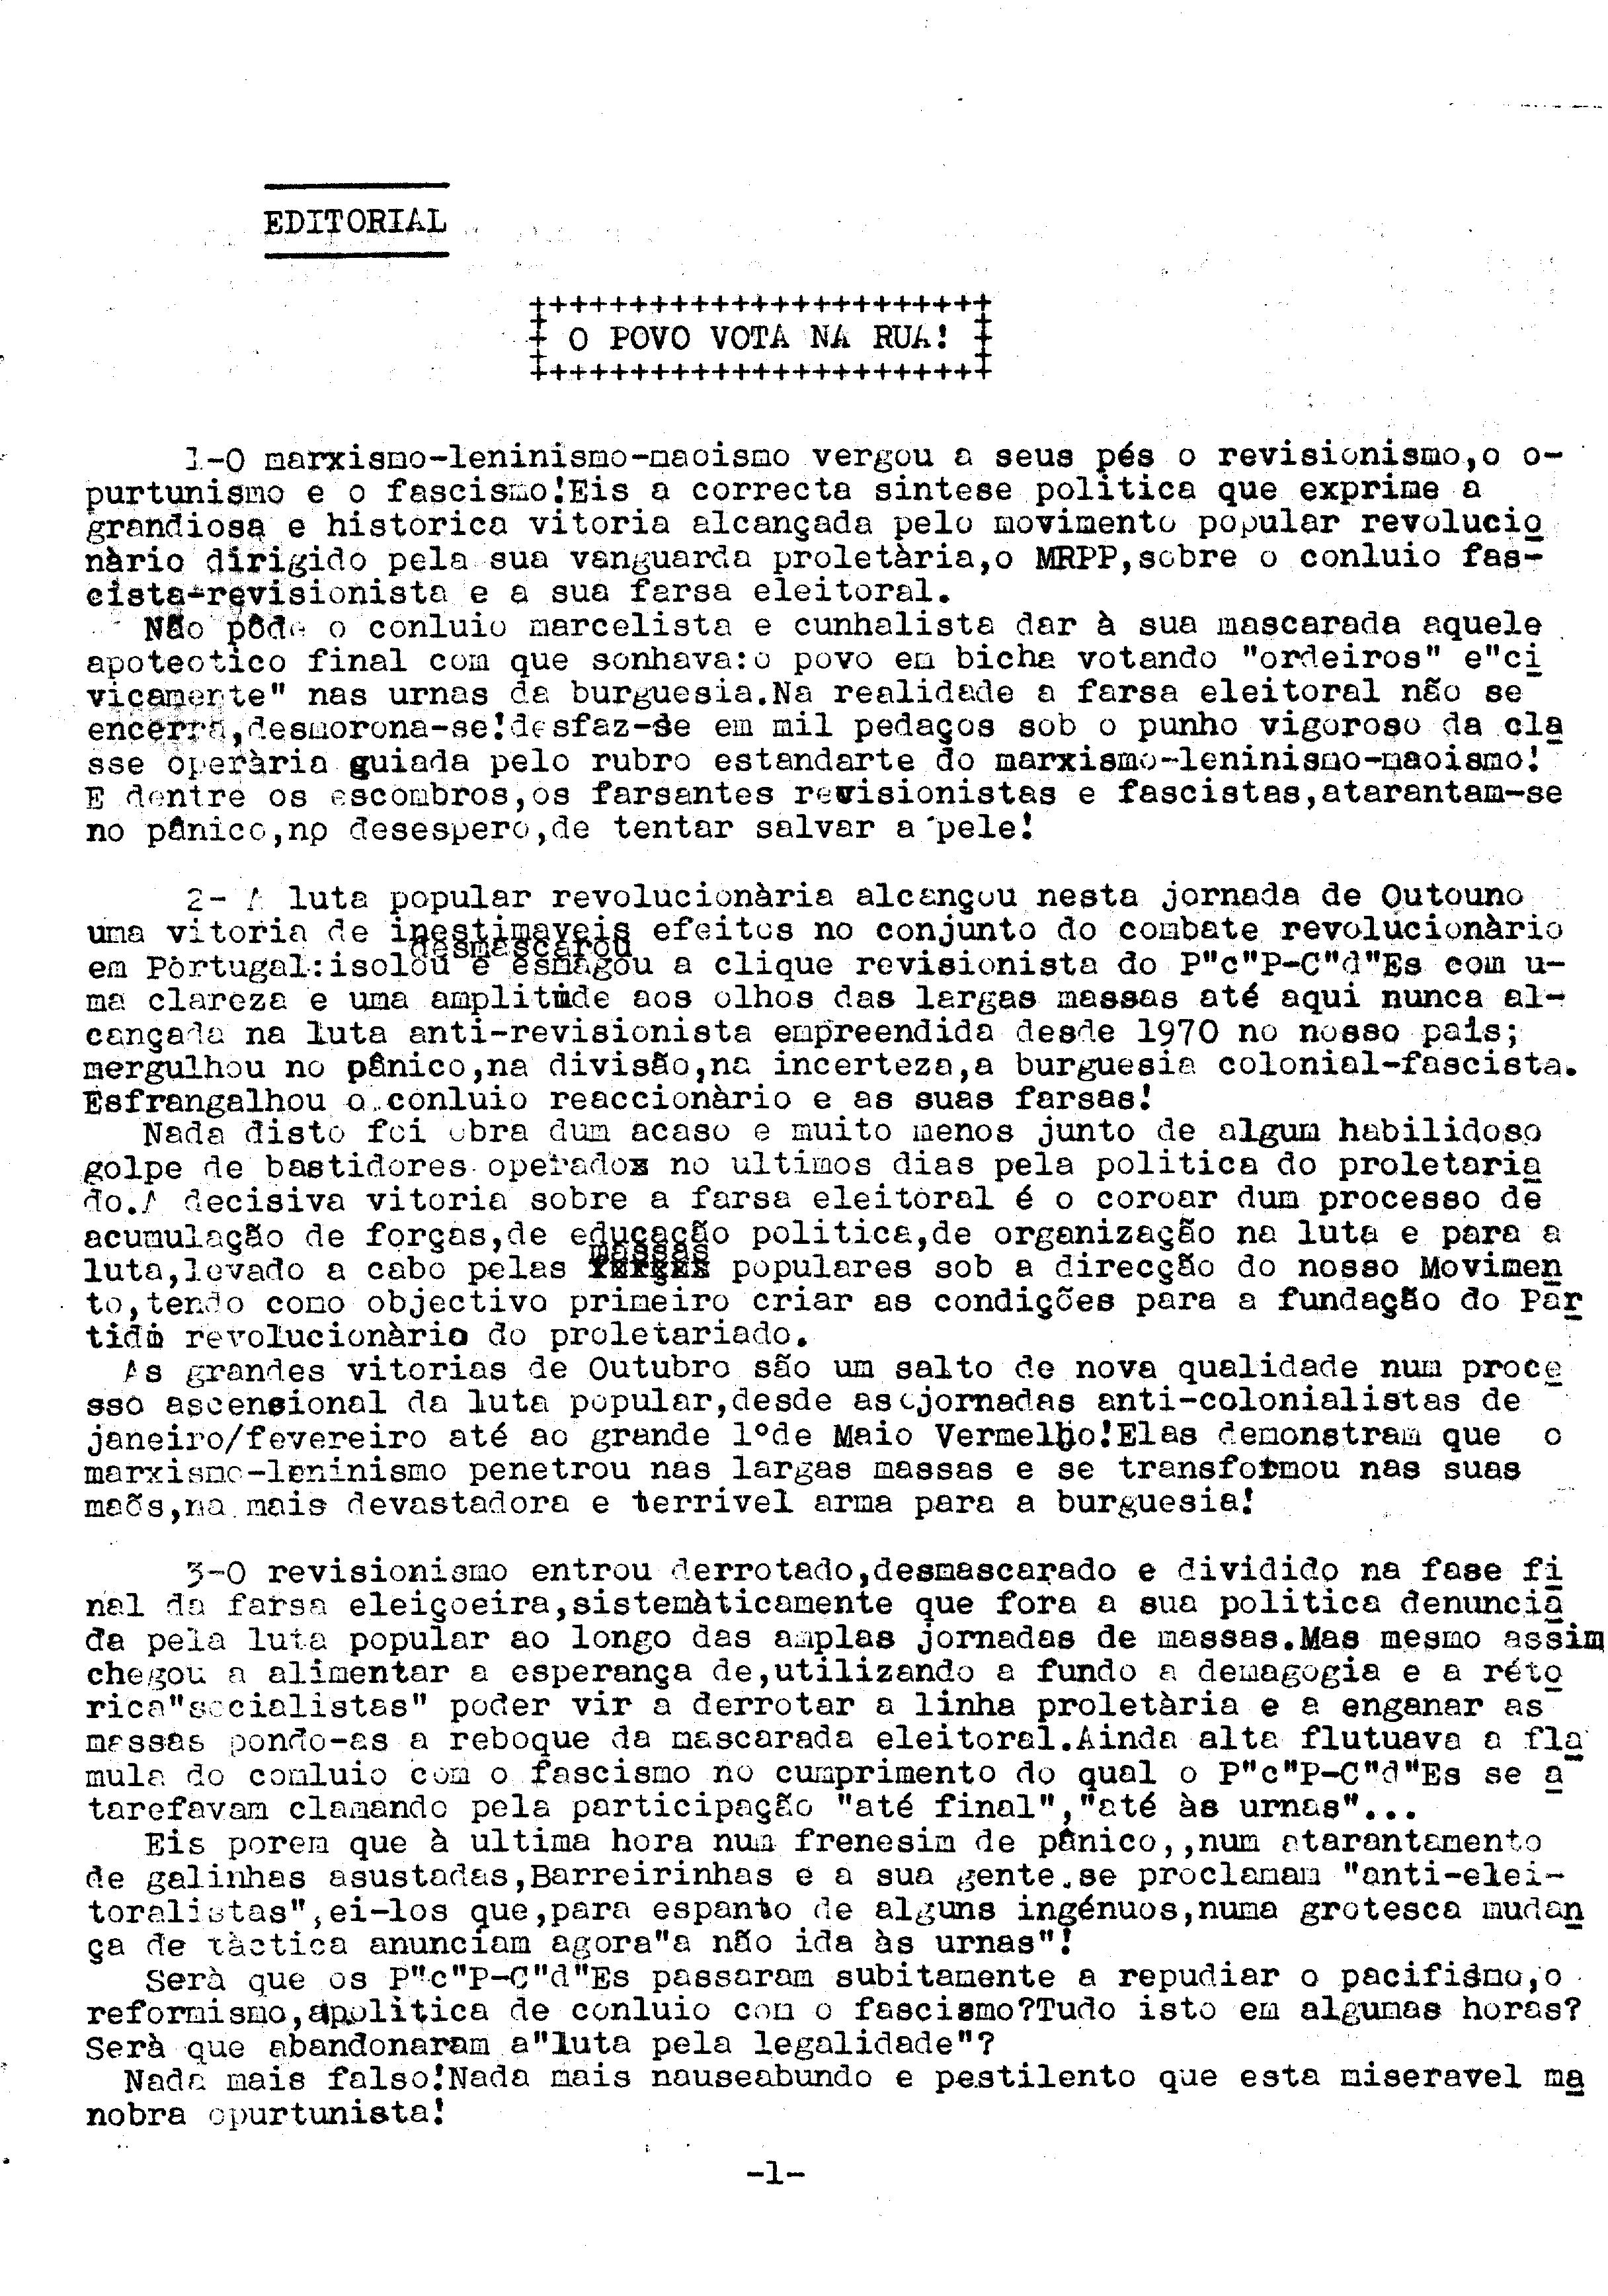 06781.037- pag.2